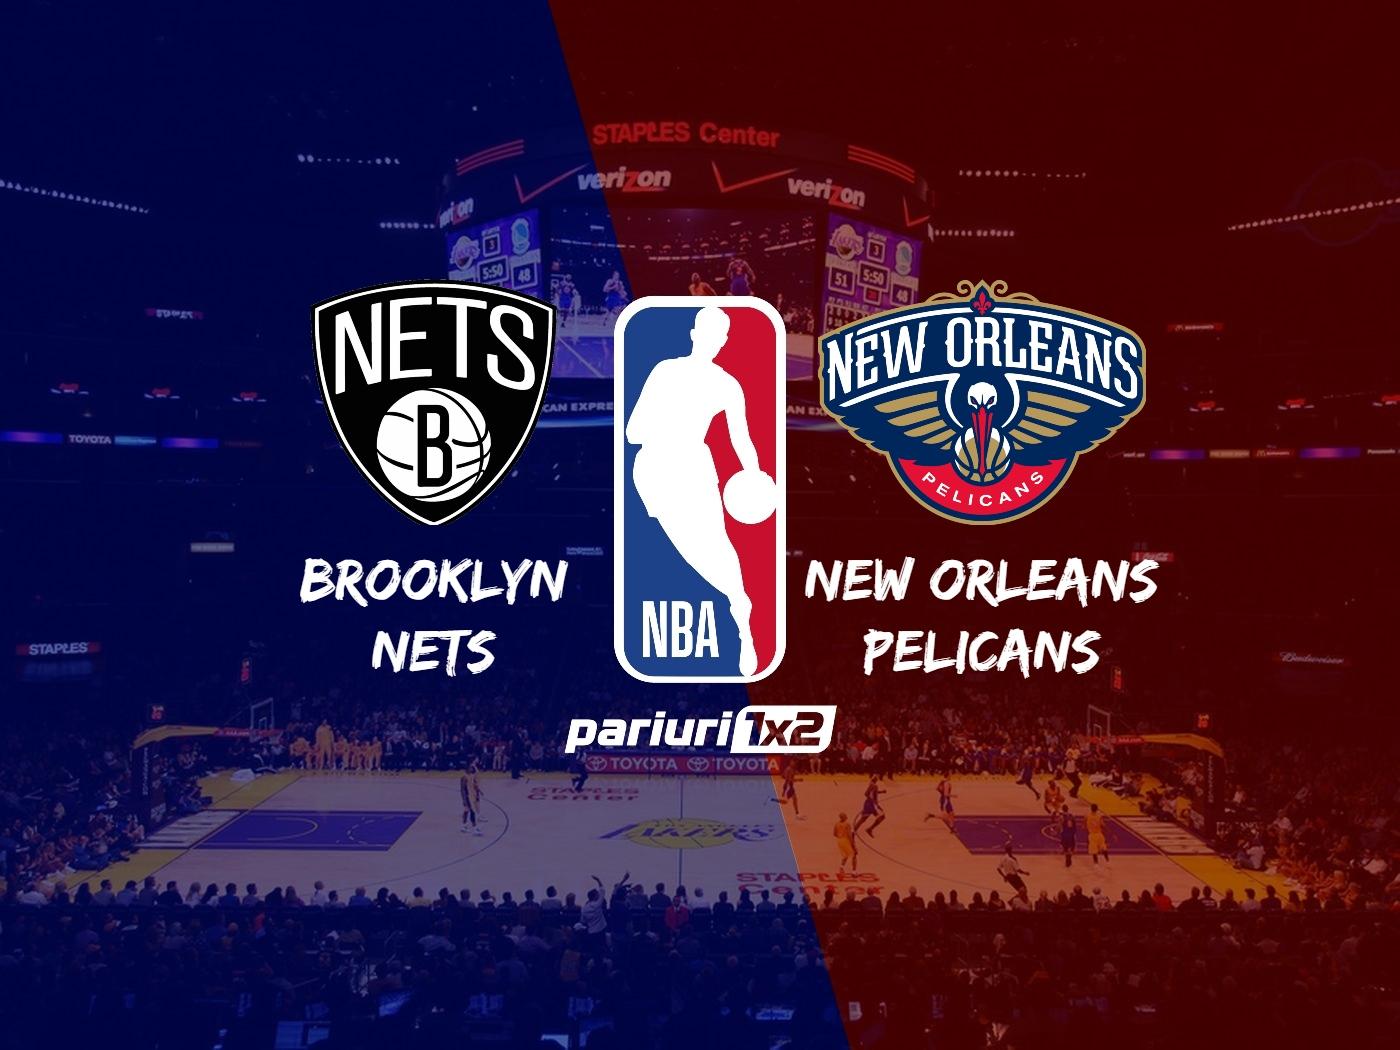 Nets - Pelicans